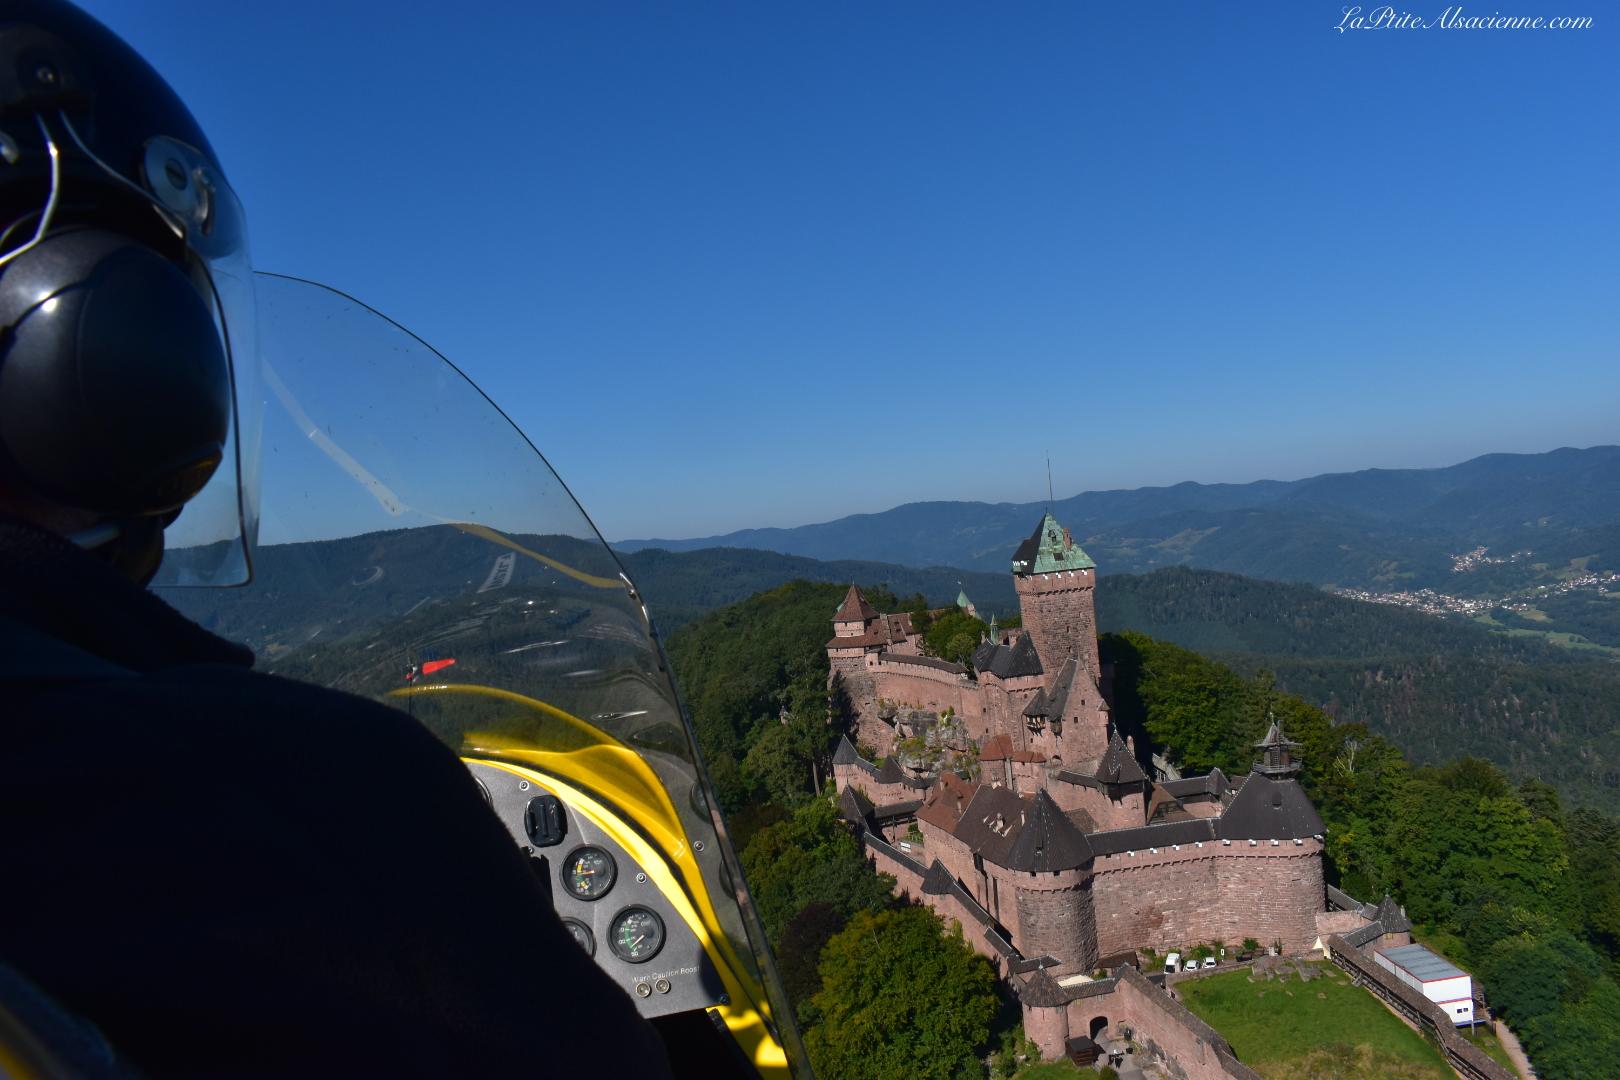 L'Alsace vue du ciel en ULM avec Ciel Destination Découverte. Photo de Cendrine Miesch dite LaPtiteAlsacienne